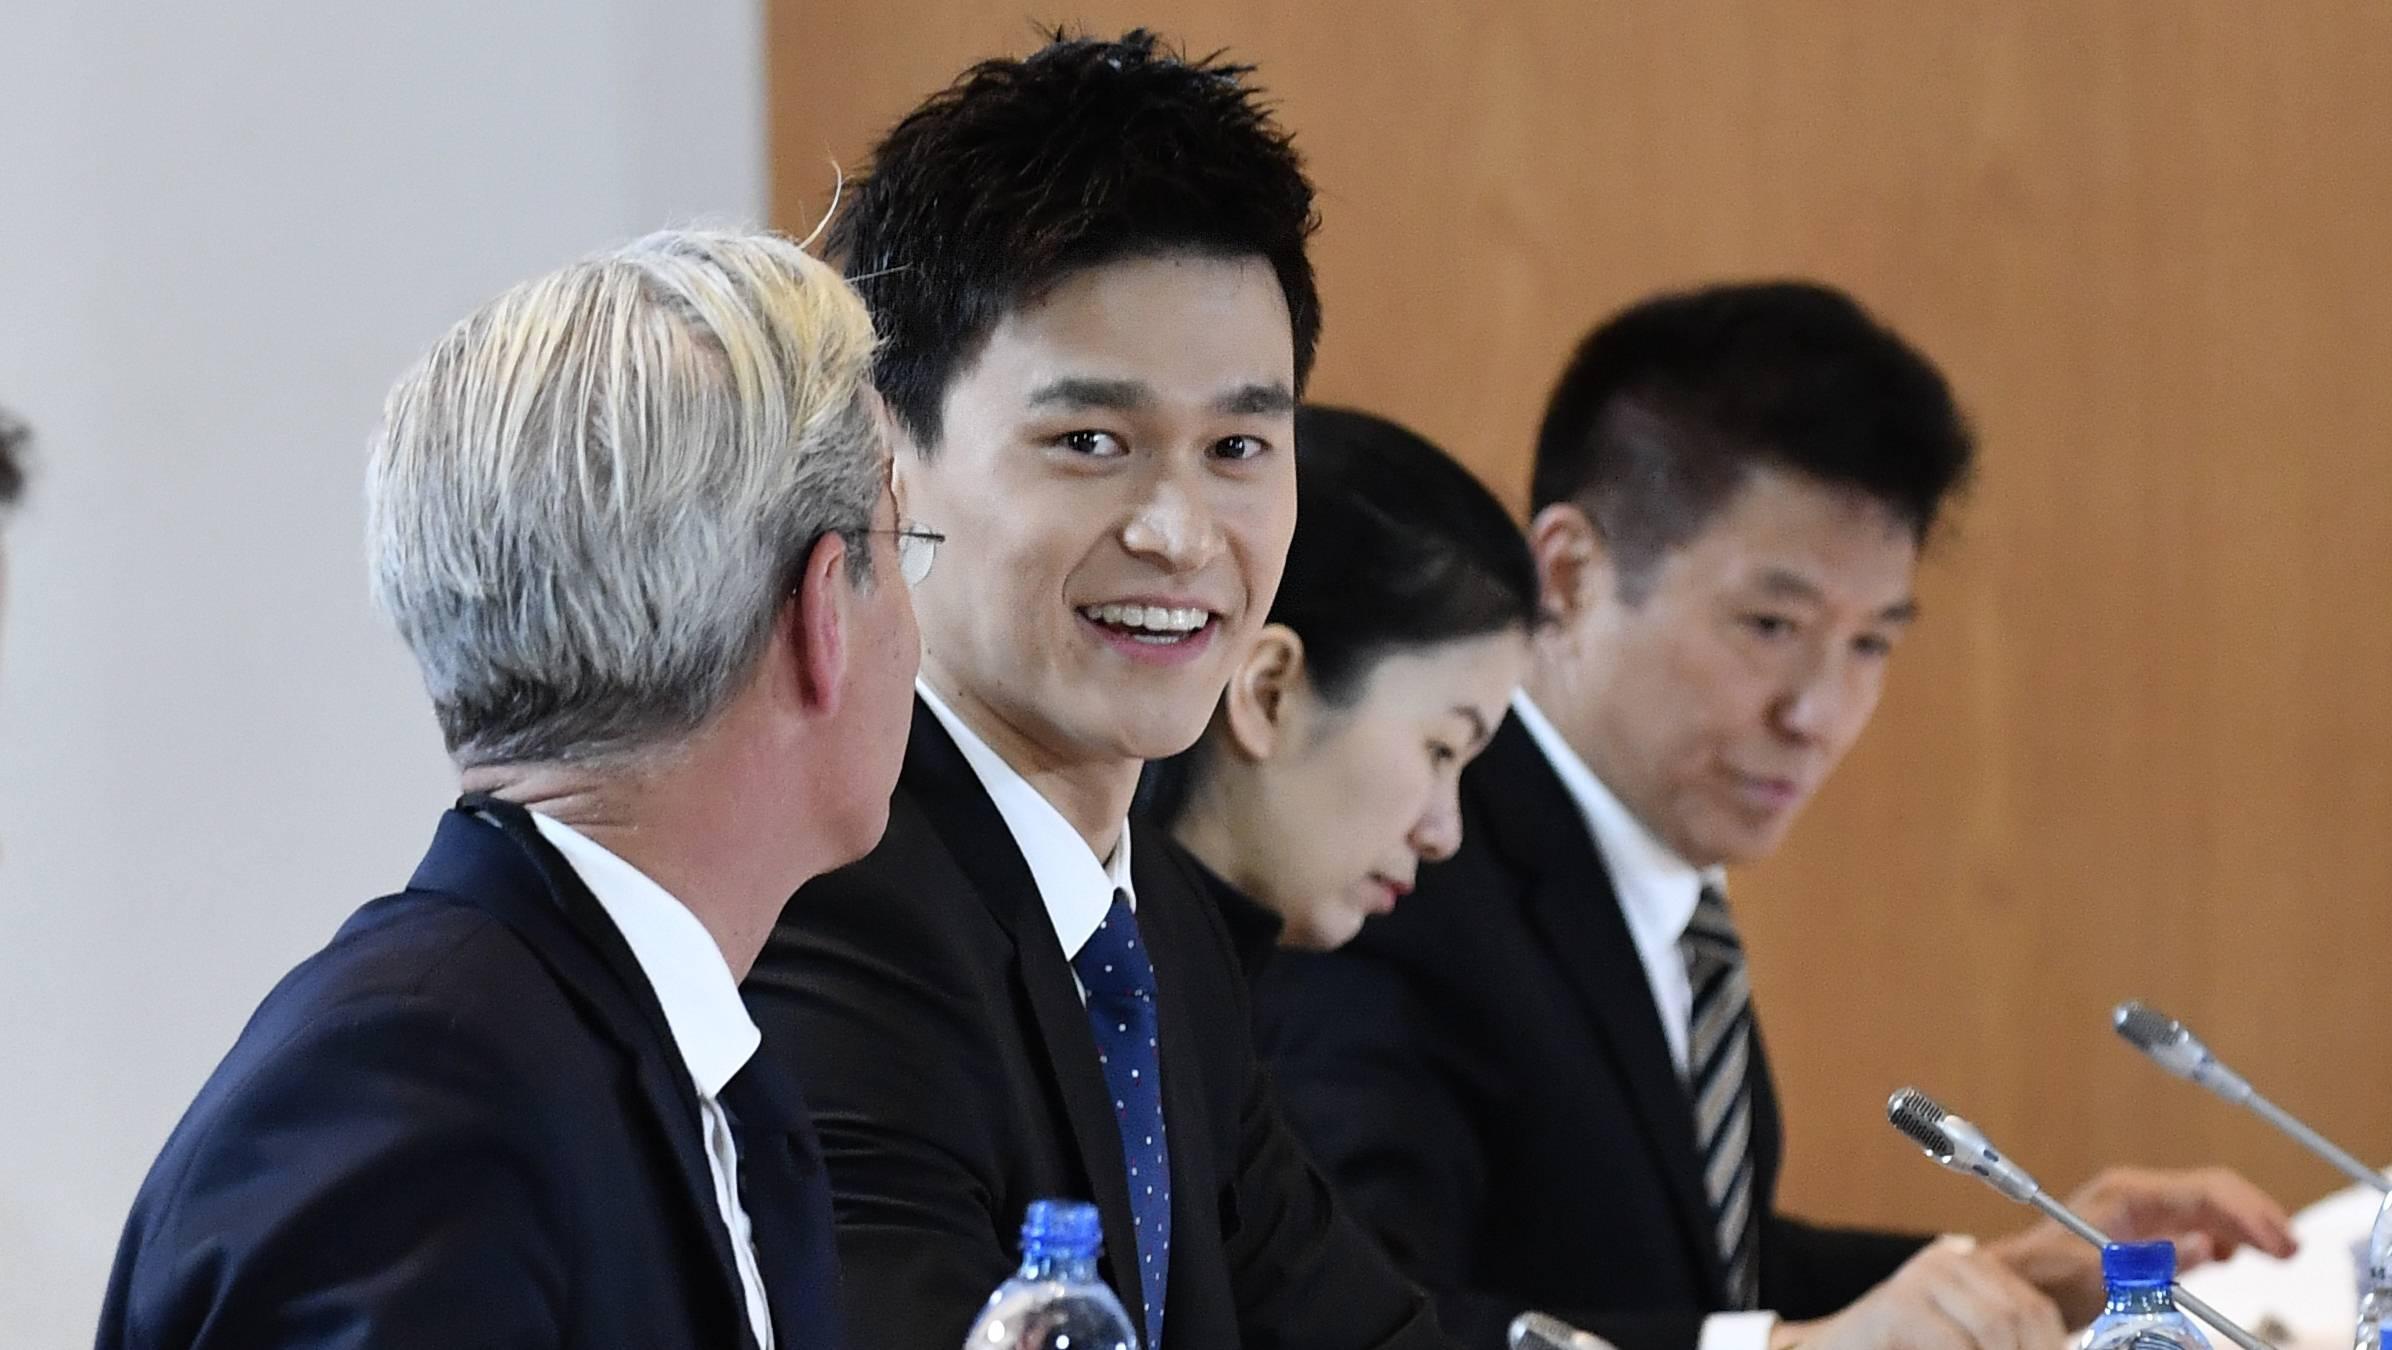 孫楊在瑞士出席國際體育仲裁法庭聽證會